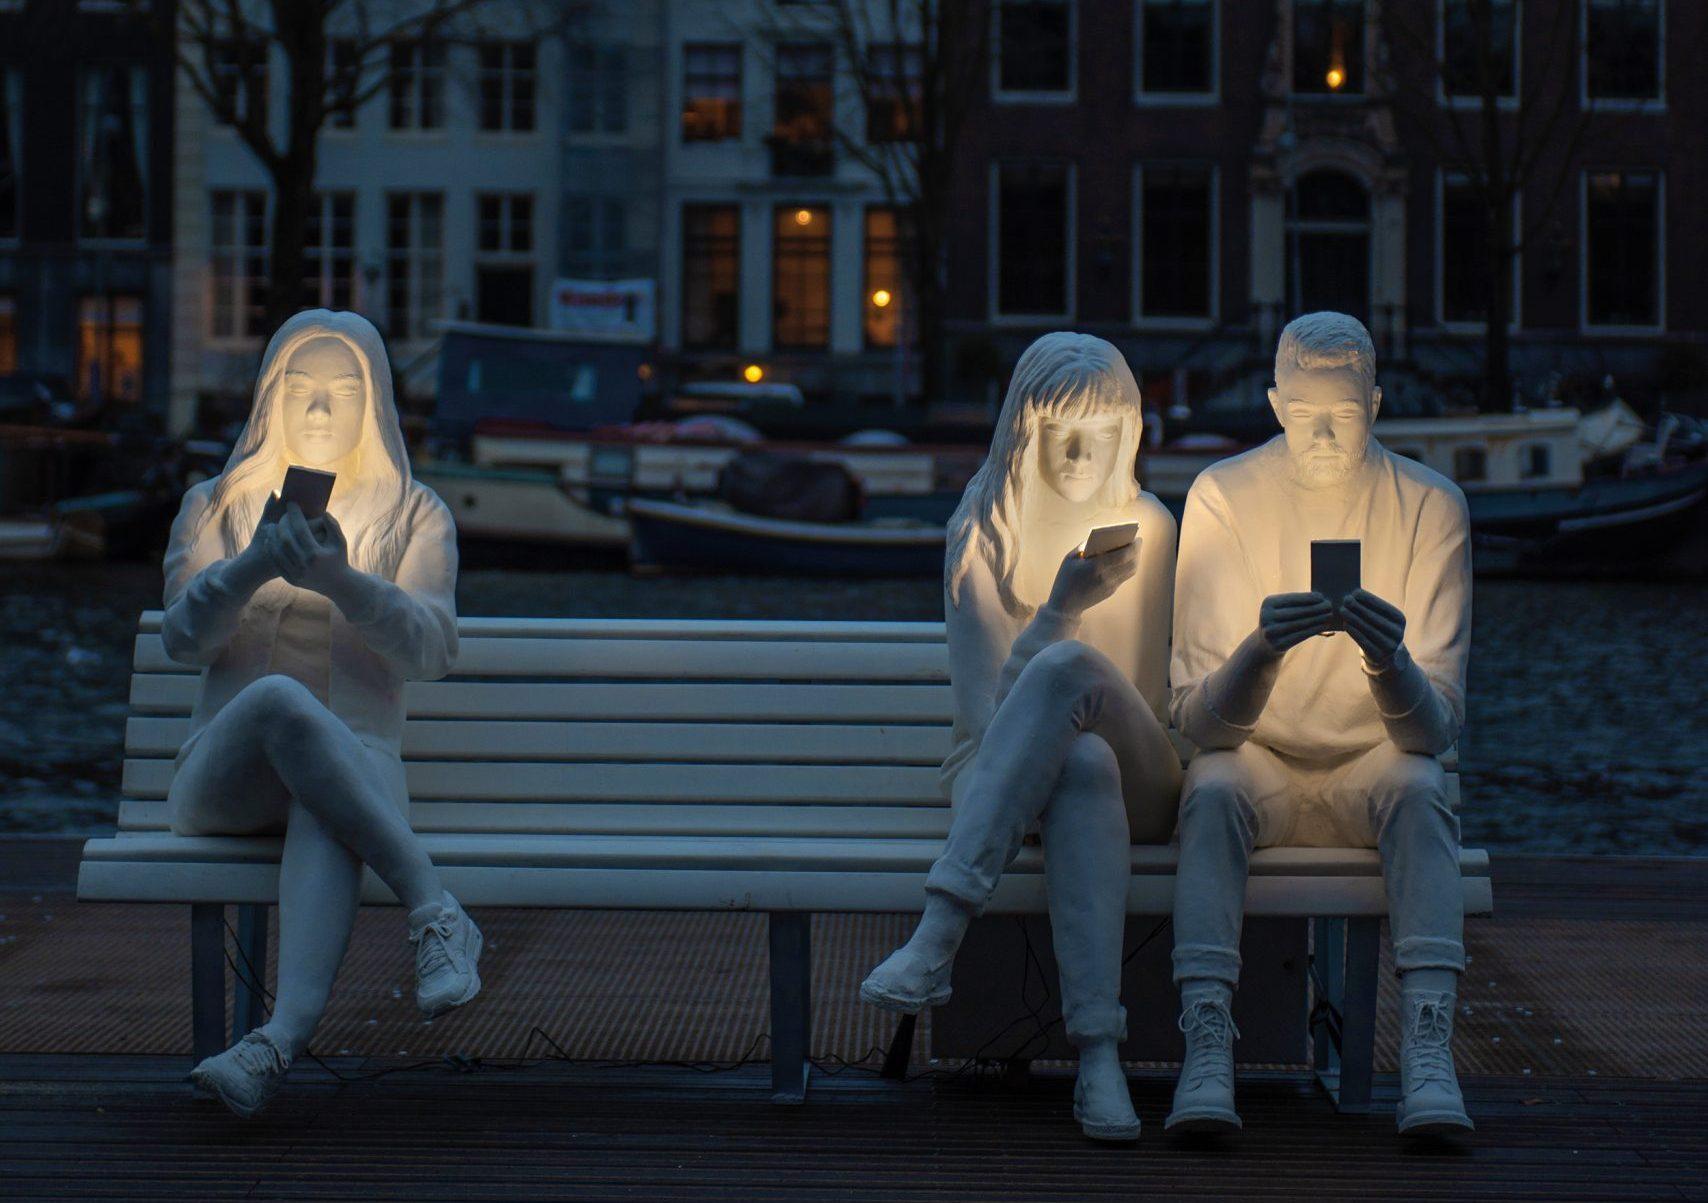 Как смартфоны следят за своими владельцами